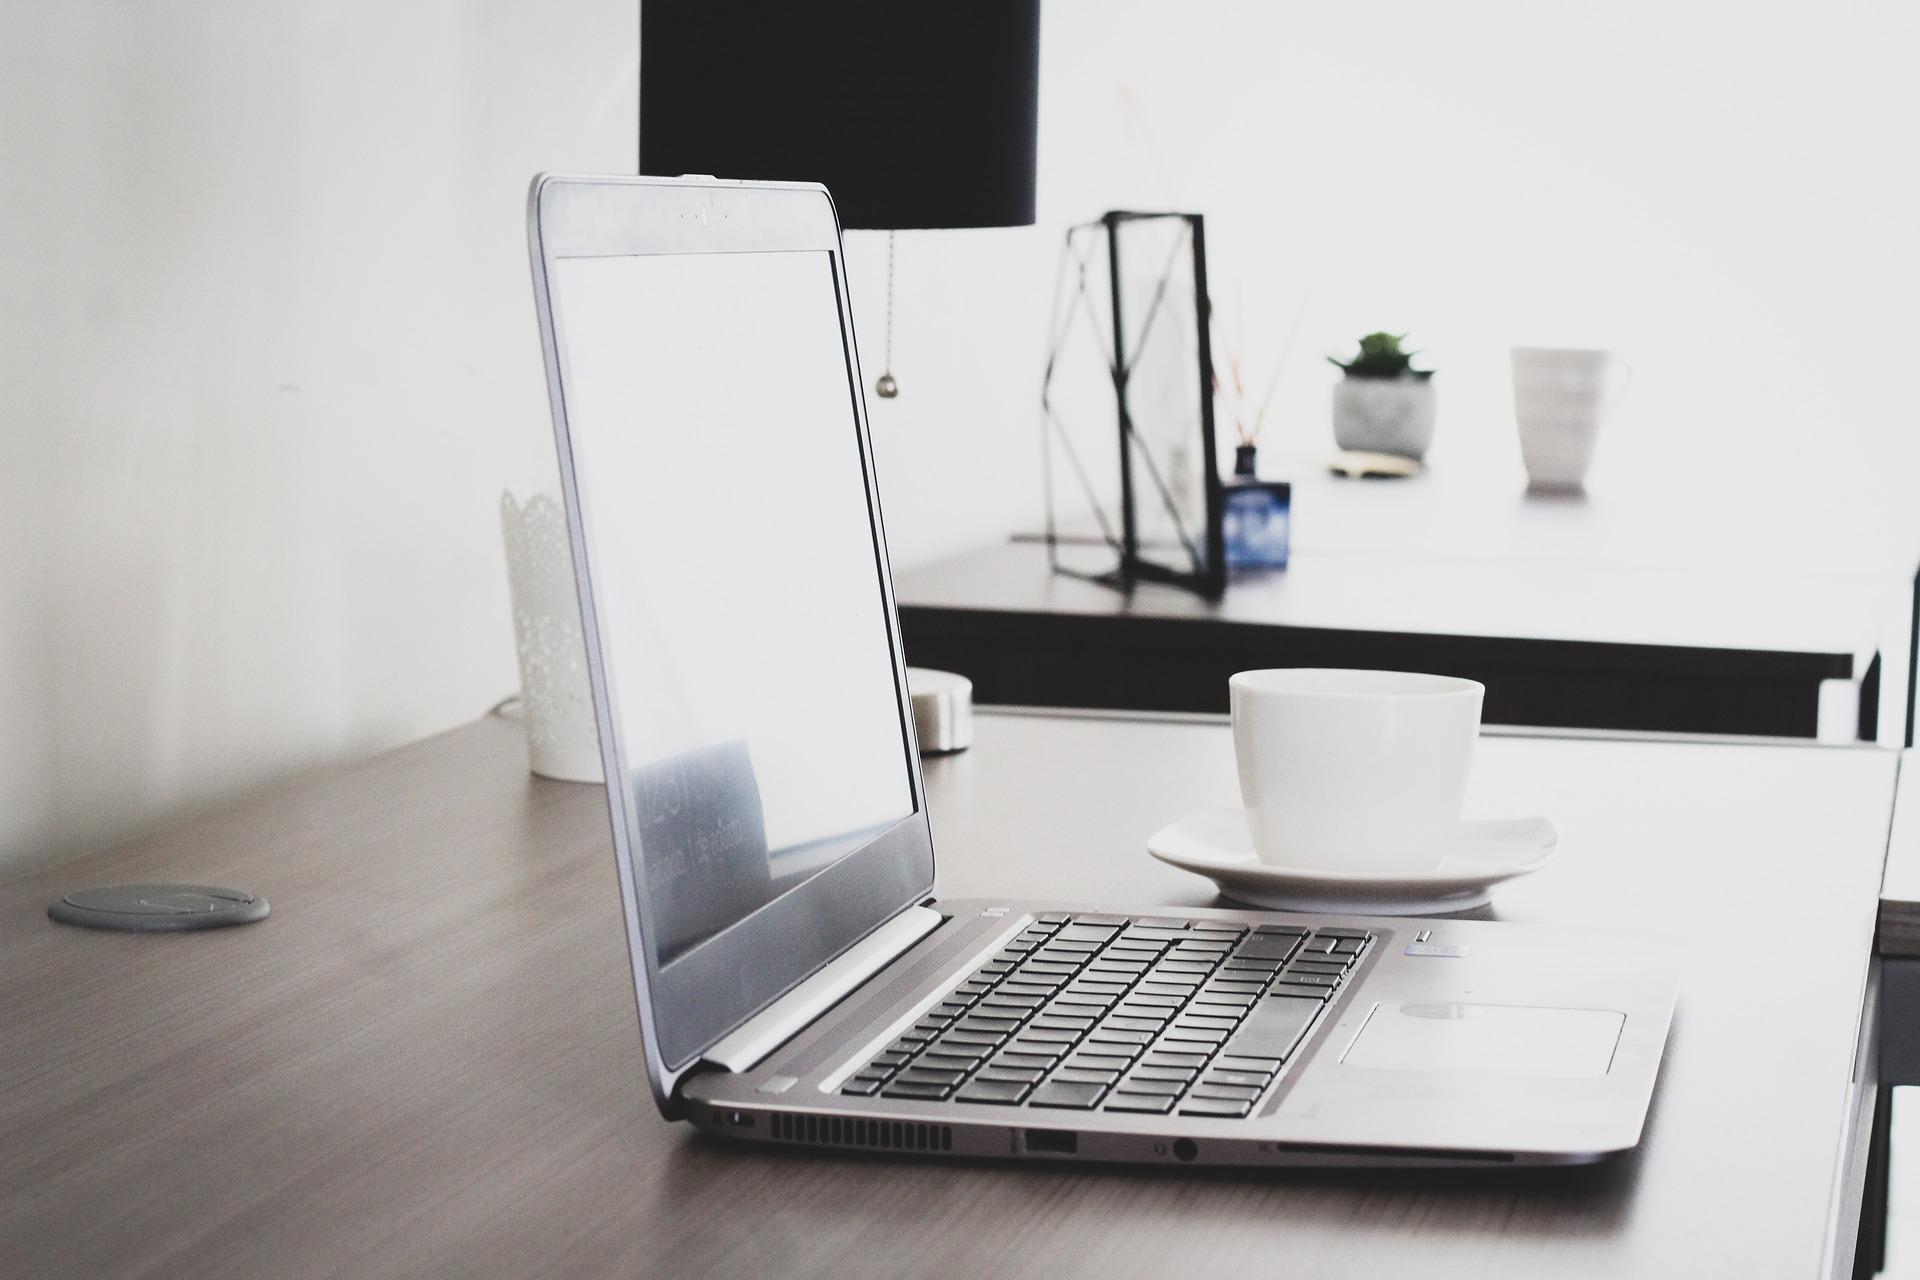 Grafik Laptop auf Schreibtisch